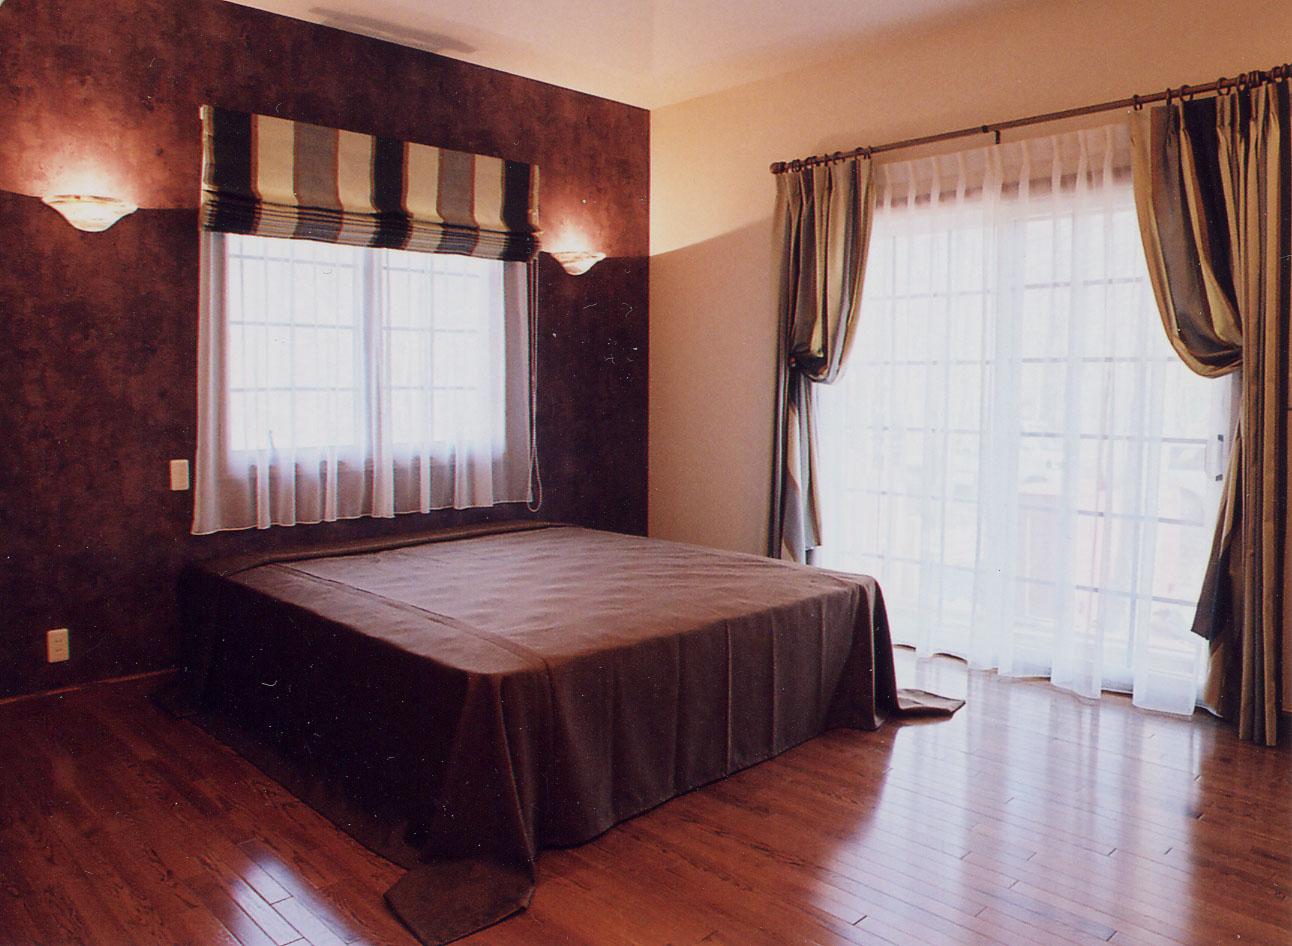 装飾レールとカーテンスタイル_c0157866_1237519.jpg